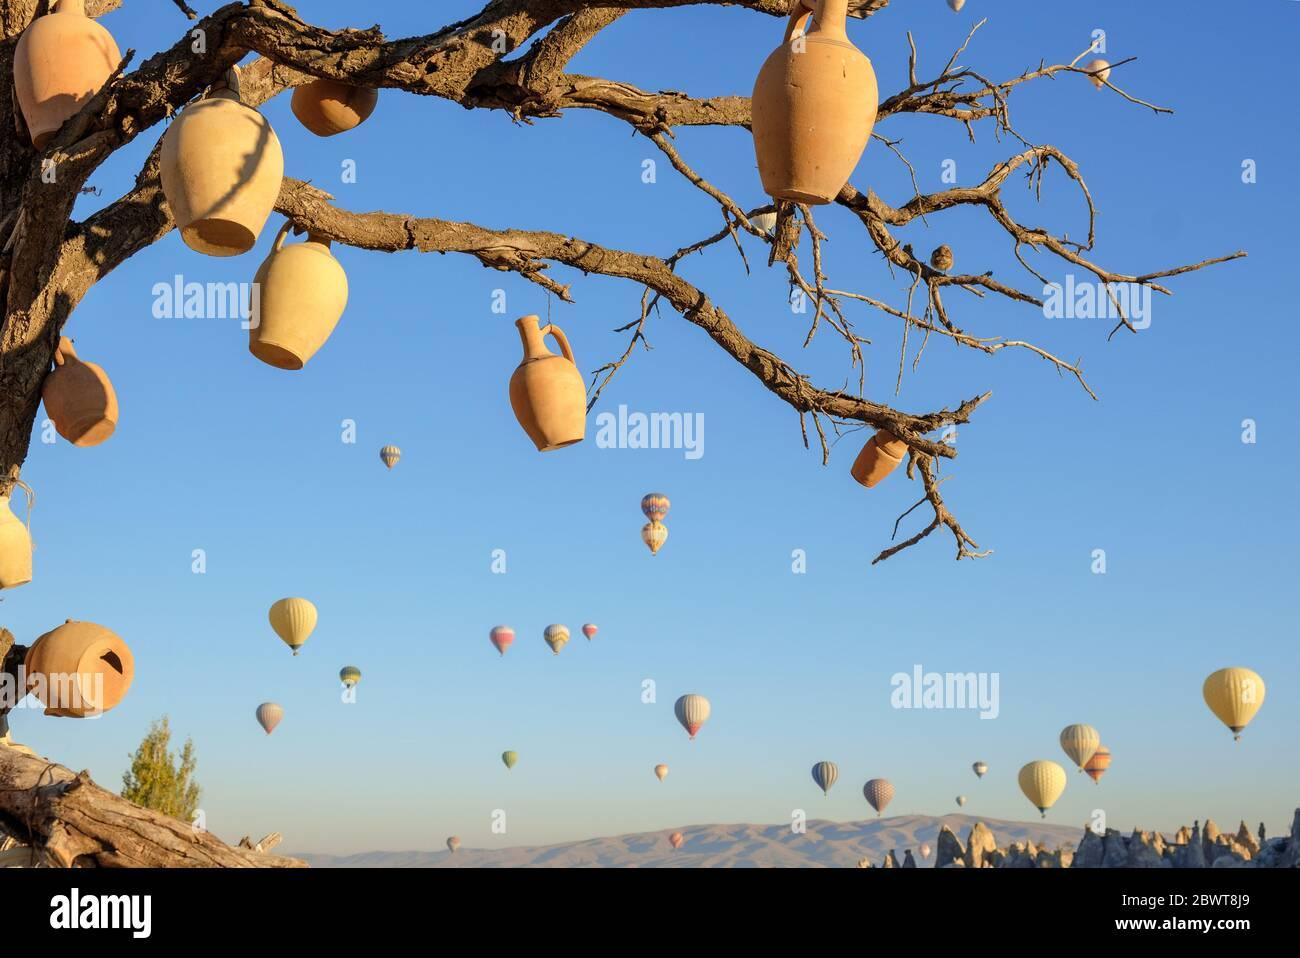 Arbre de souhaits en Cappadoce, Turquie, cruches d'argile sur les branches d'un arbre séché et ballons d'air chaud volant en arrière-plan Banque D'Images